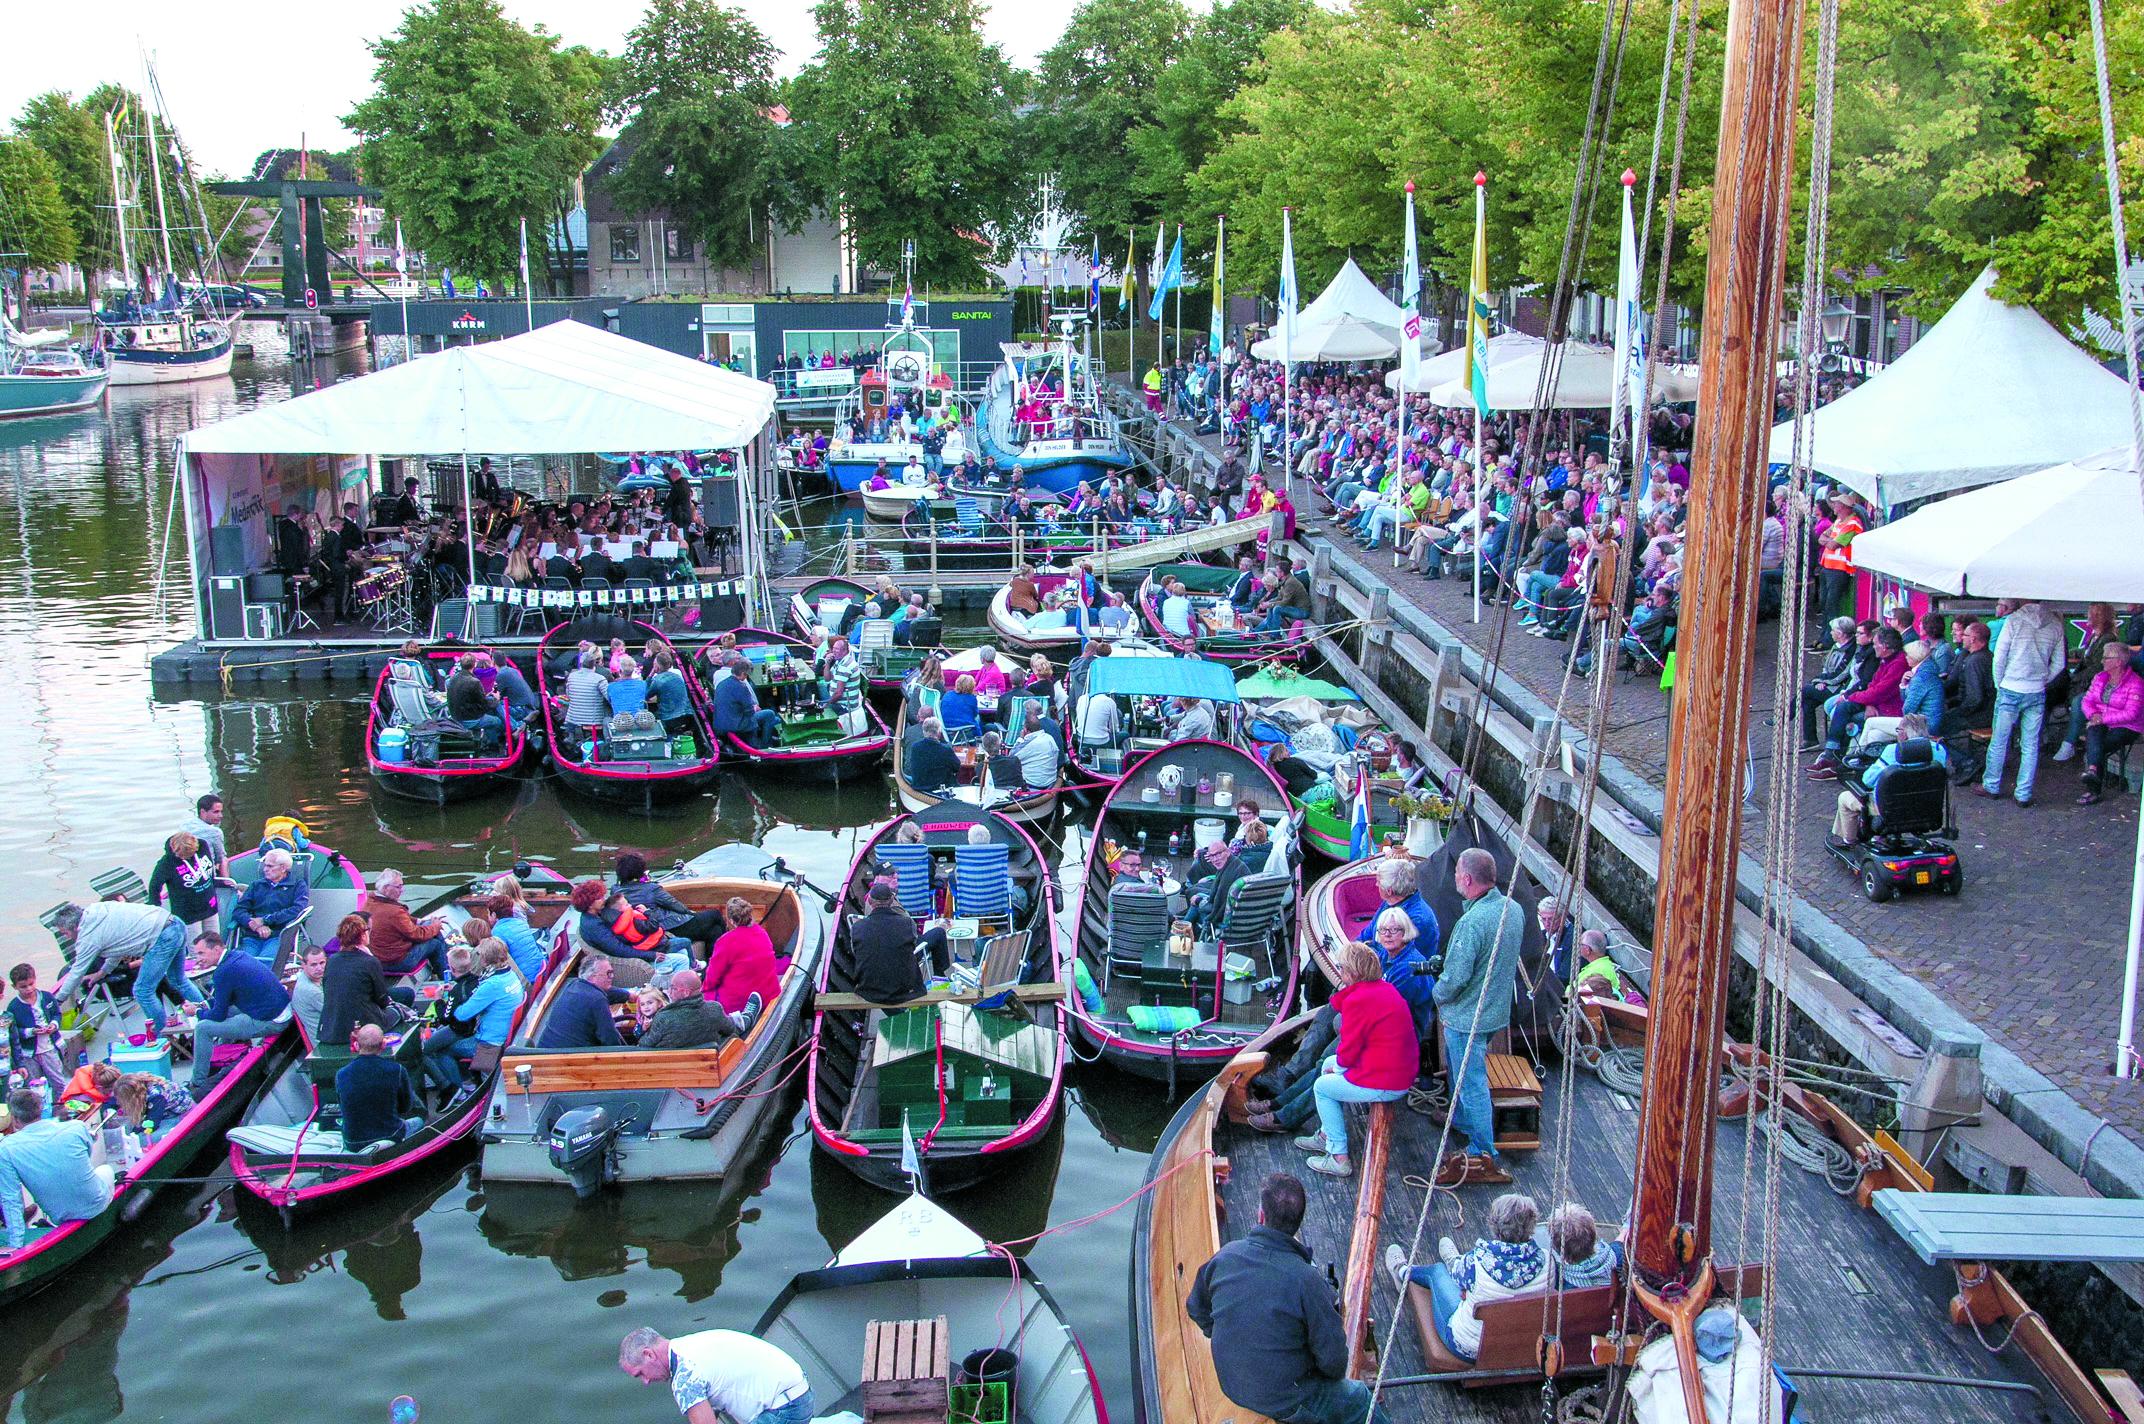 De Drakenbootraces zijn het hoogtepunt op zondag 12 augustus, tijdens de Medemblikker Waterweek. (Foto: RG-Fotografie rodi.nl © rodi